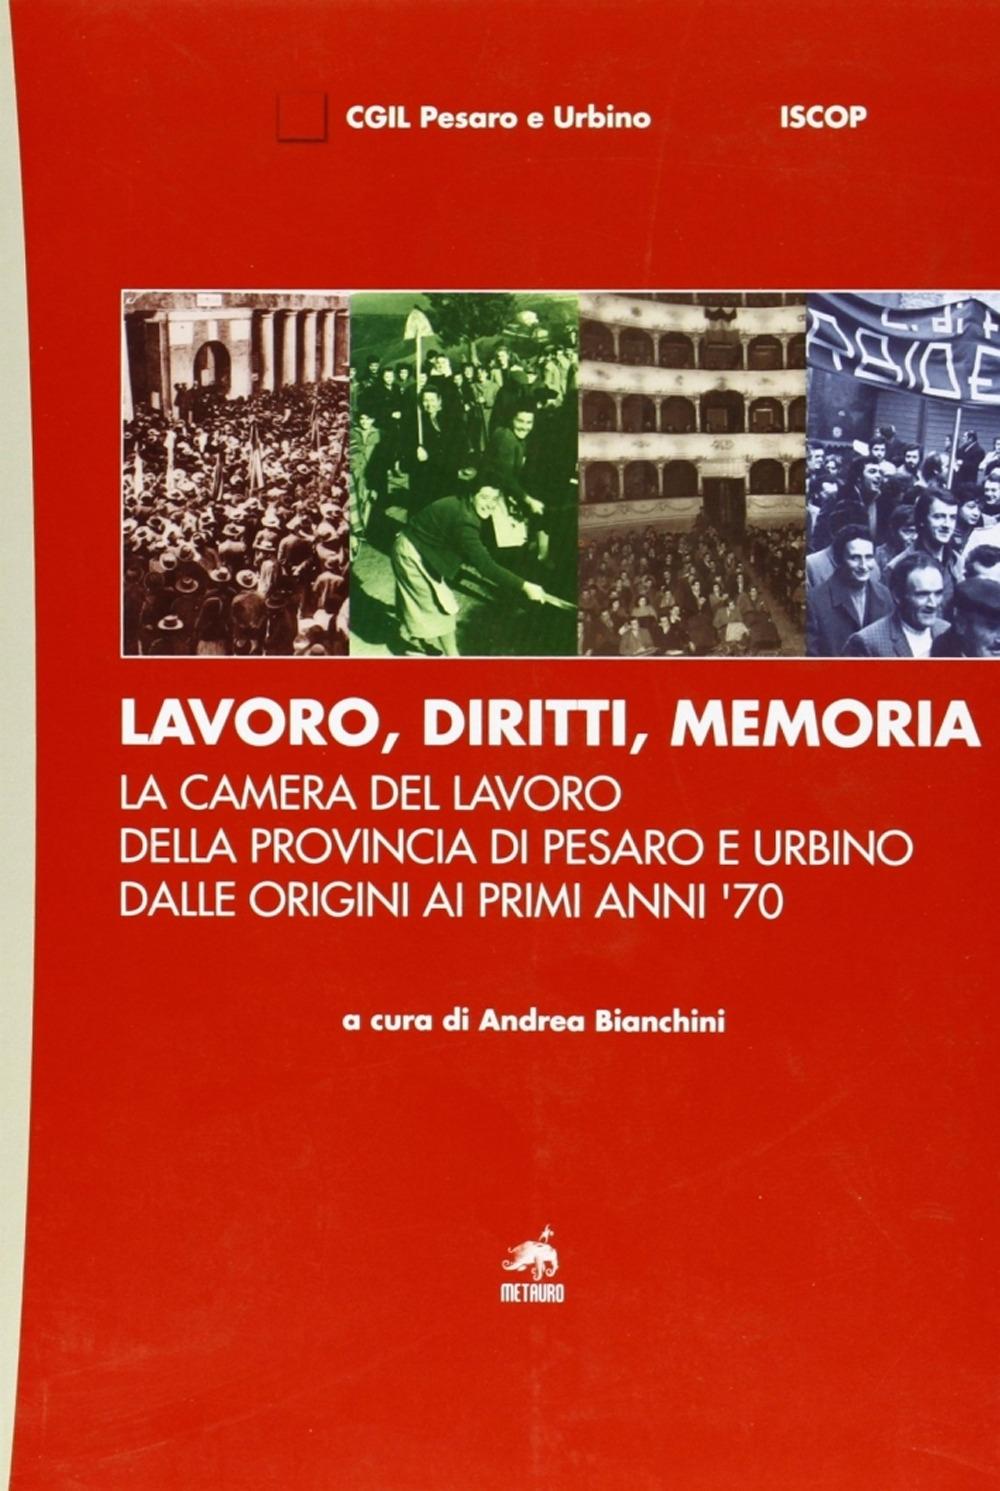 Lavoro, diritti, memoria. La Camera del lavoro della provincia di Pesaro e Urbiano dalle origini ai primi anni '70